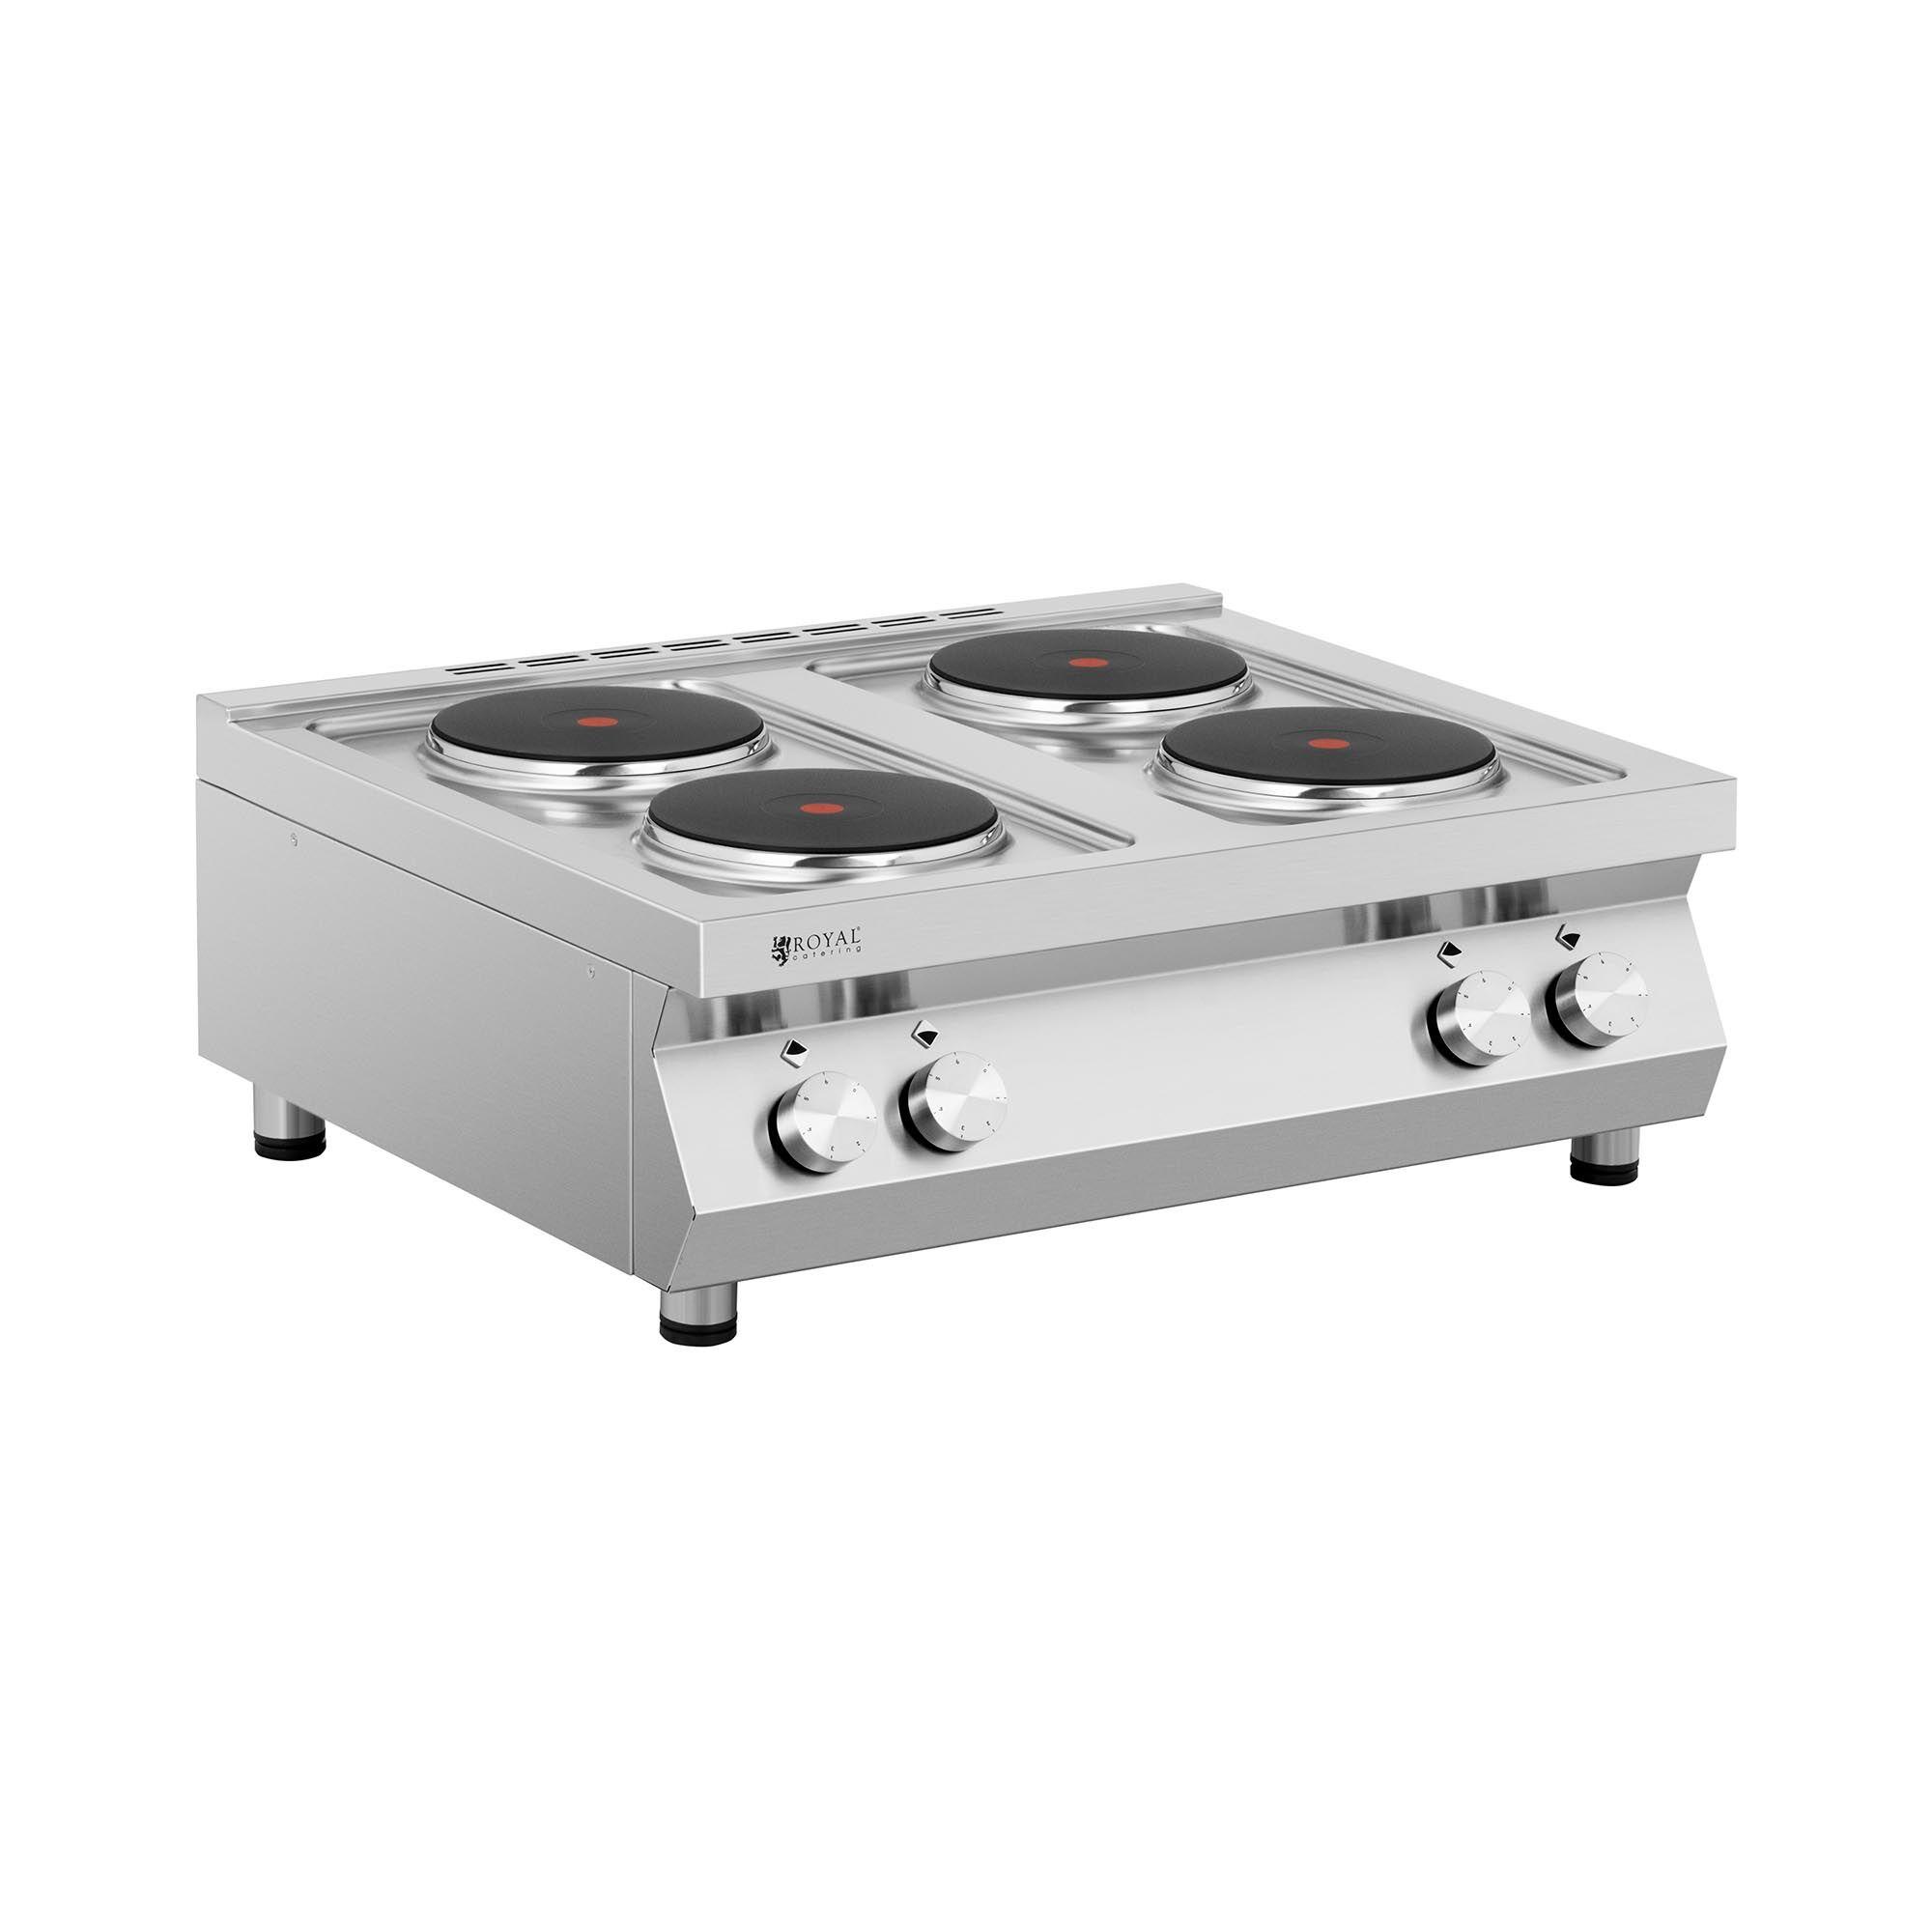 royal catering cucina elettrica professionale - 10.400 w - piano cottura con 4 fornelli rc-ecp4t